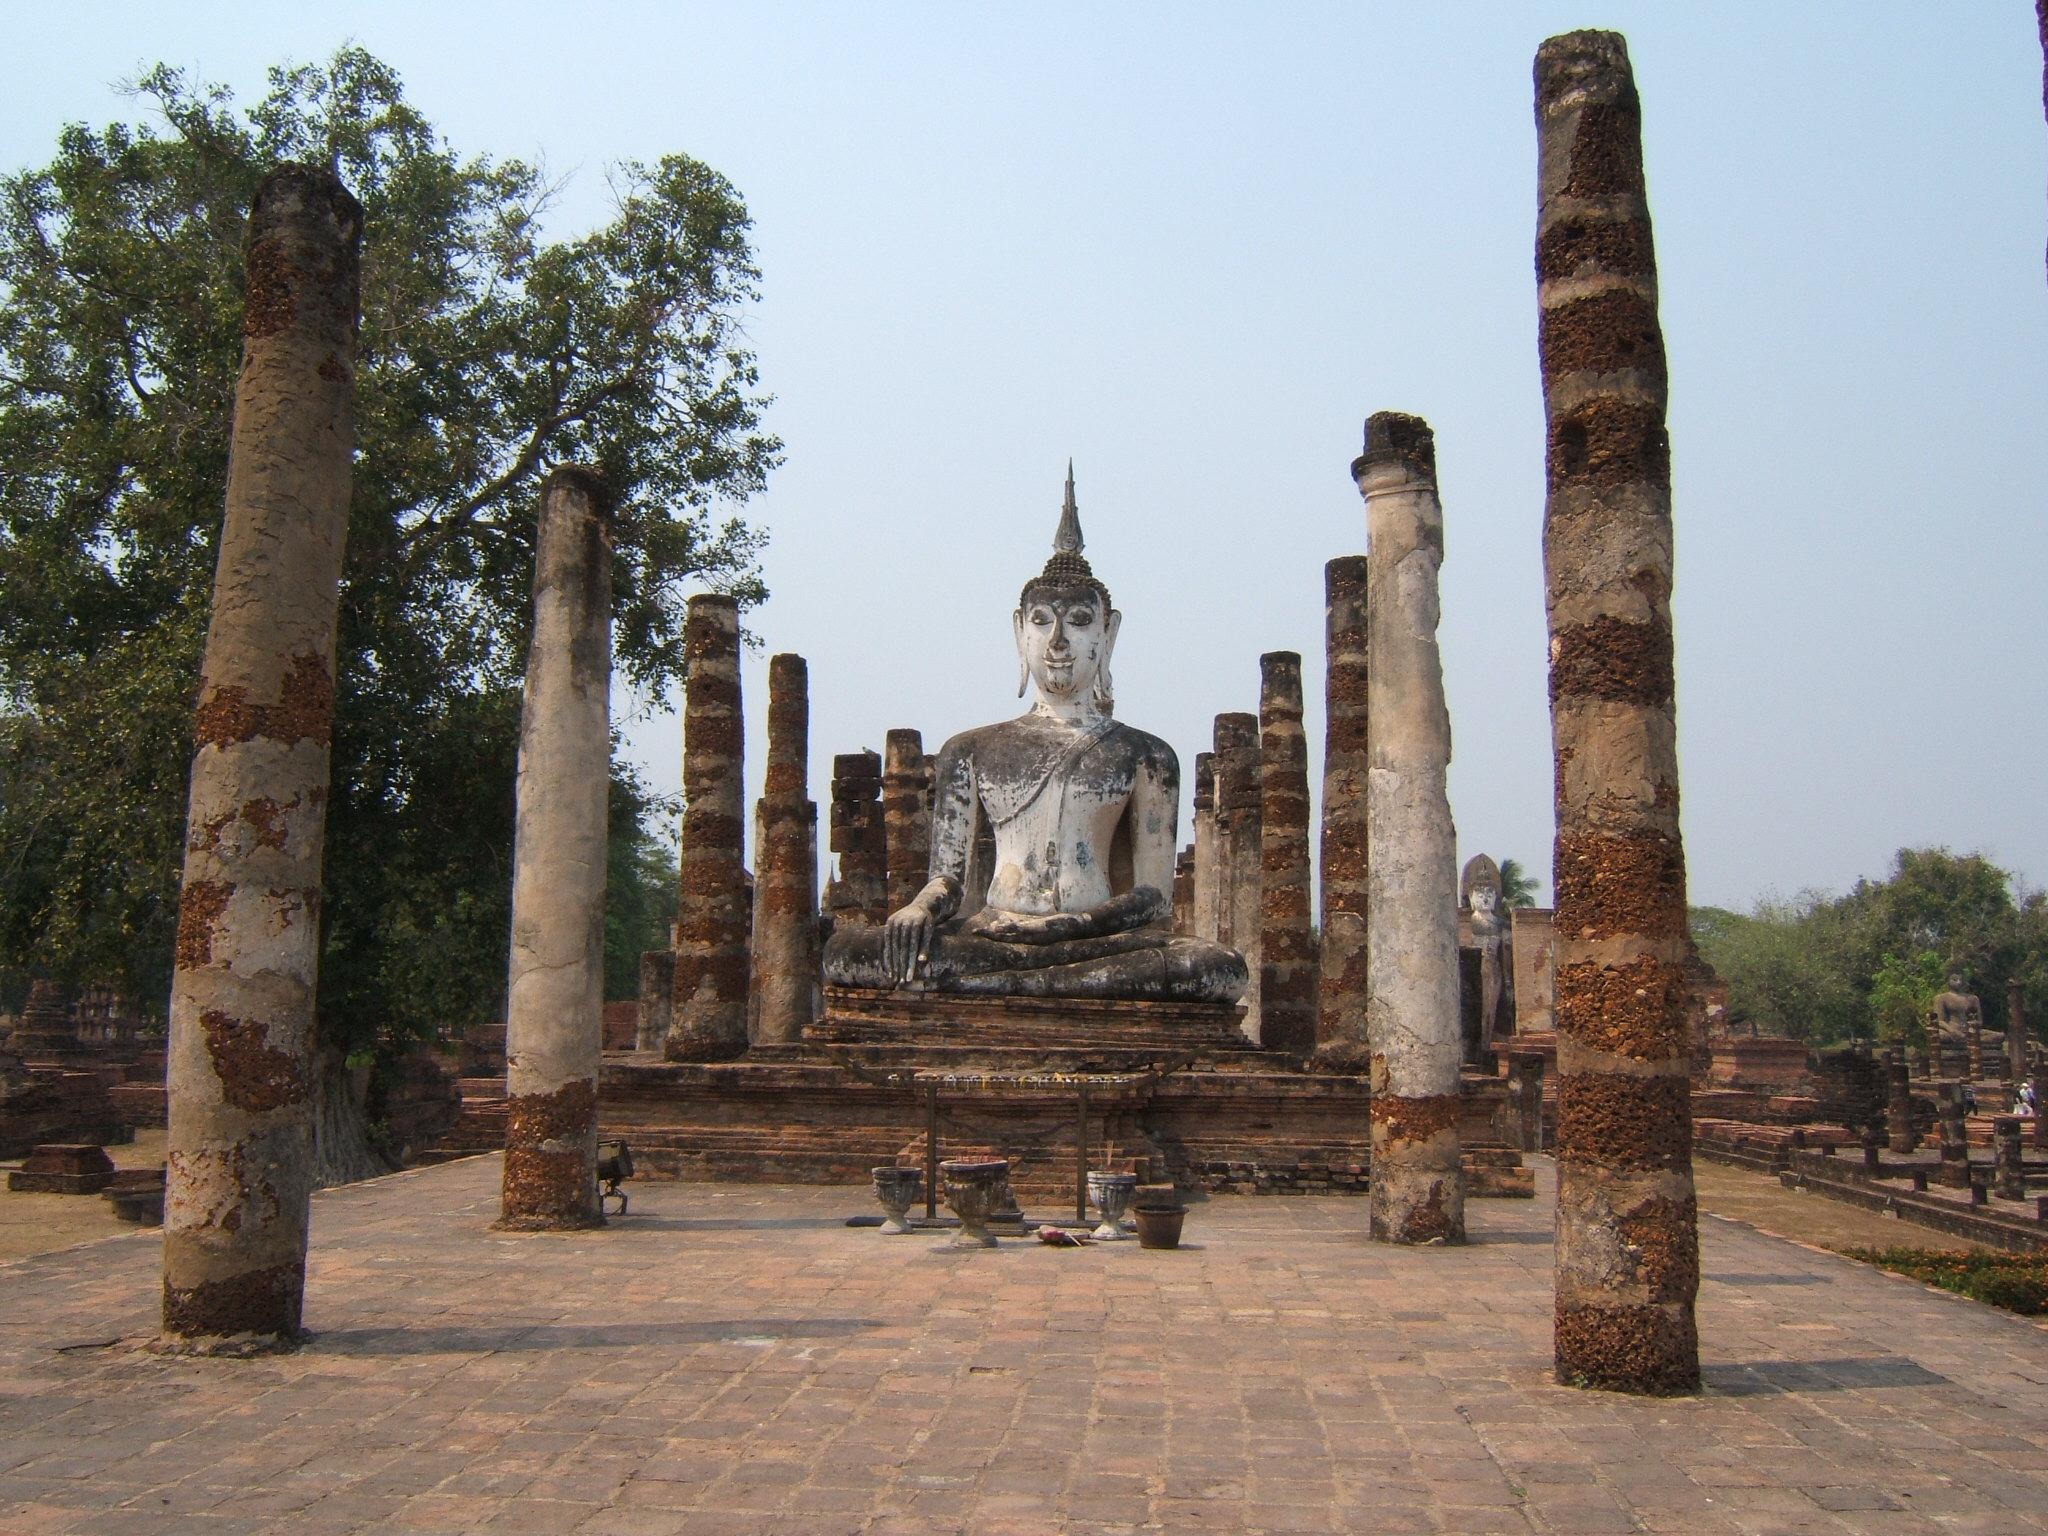 File:Buddha Wat Mahathat Sukhothai.jpg - Wikimedia Commons